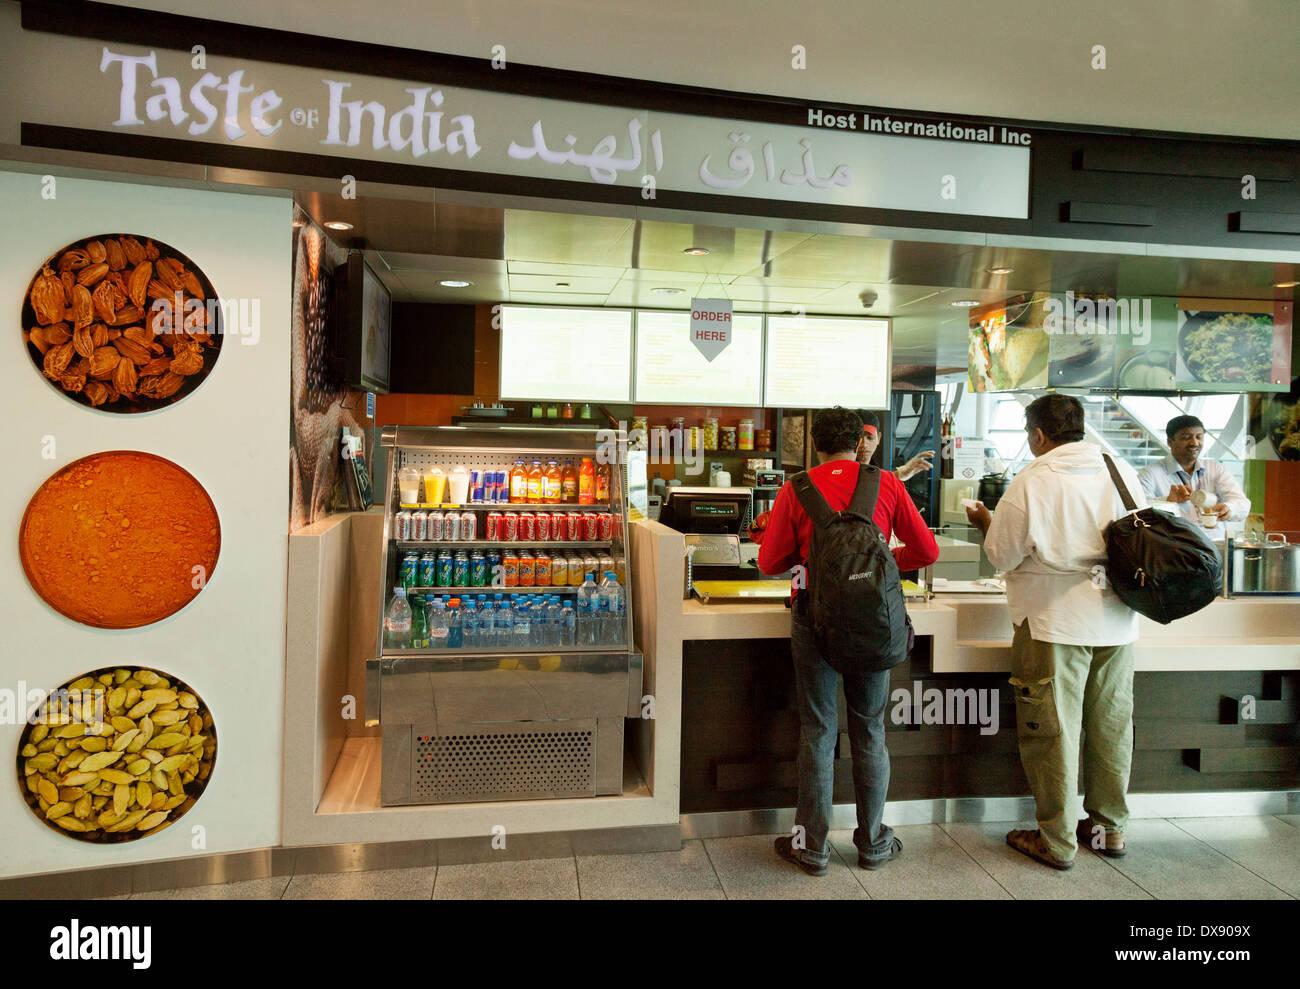 Café Restaurant saveurs de l'Inde, l'aéroport de Dubaï, terminal, ÉMIRATS ARABES UNIS, cadre voulu Arabes Unis, Moyen Orient Photo Stock